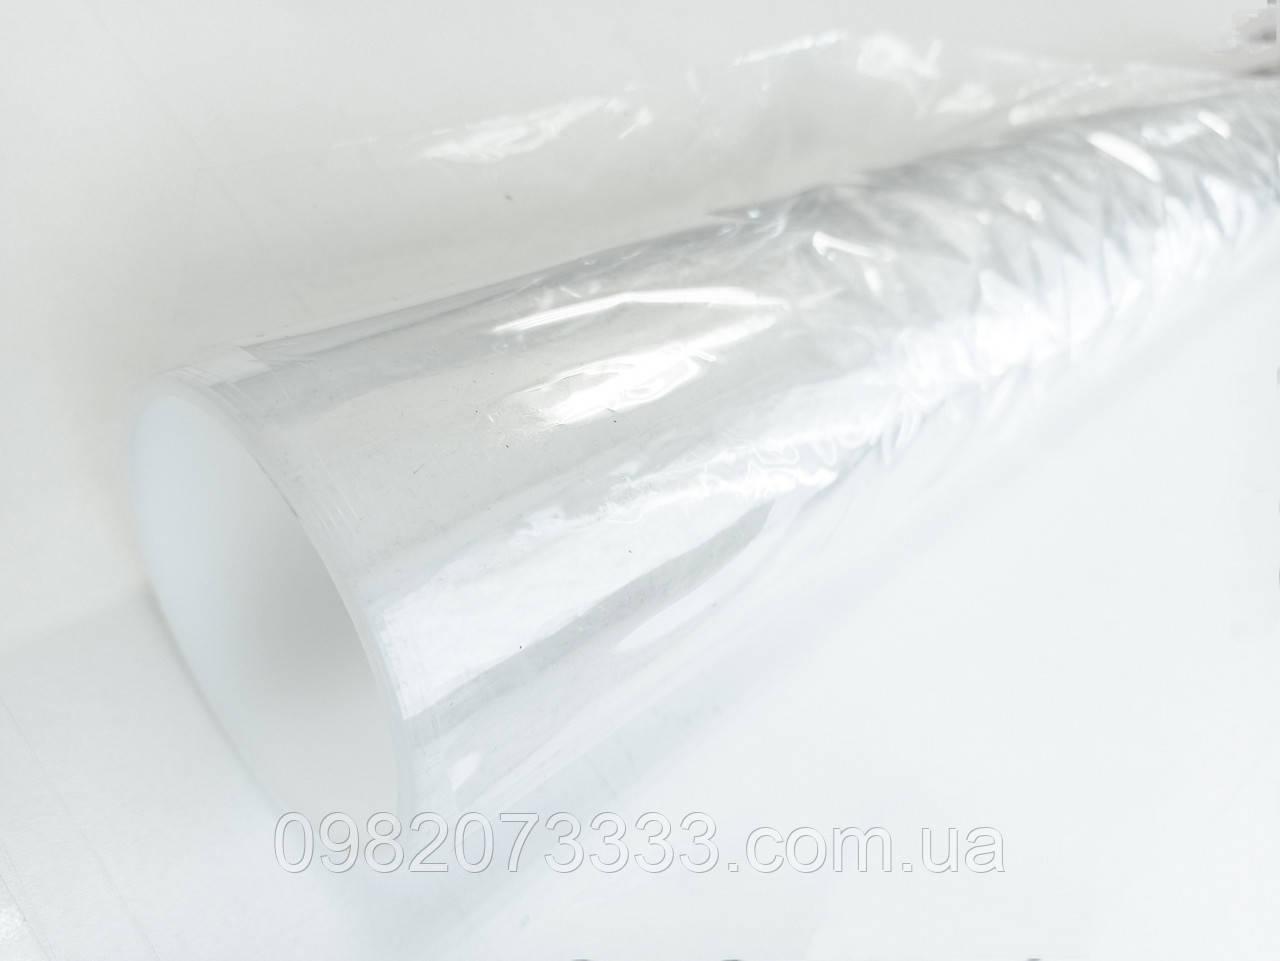 Пленка парниковая тепличная 50мкм рулон (0,6м*30м)